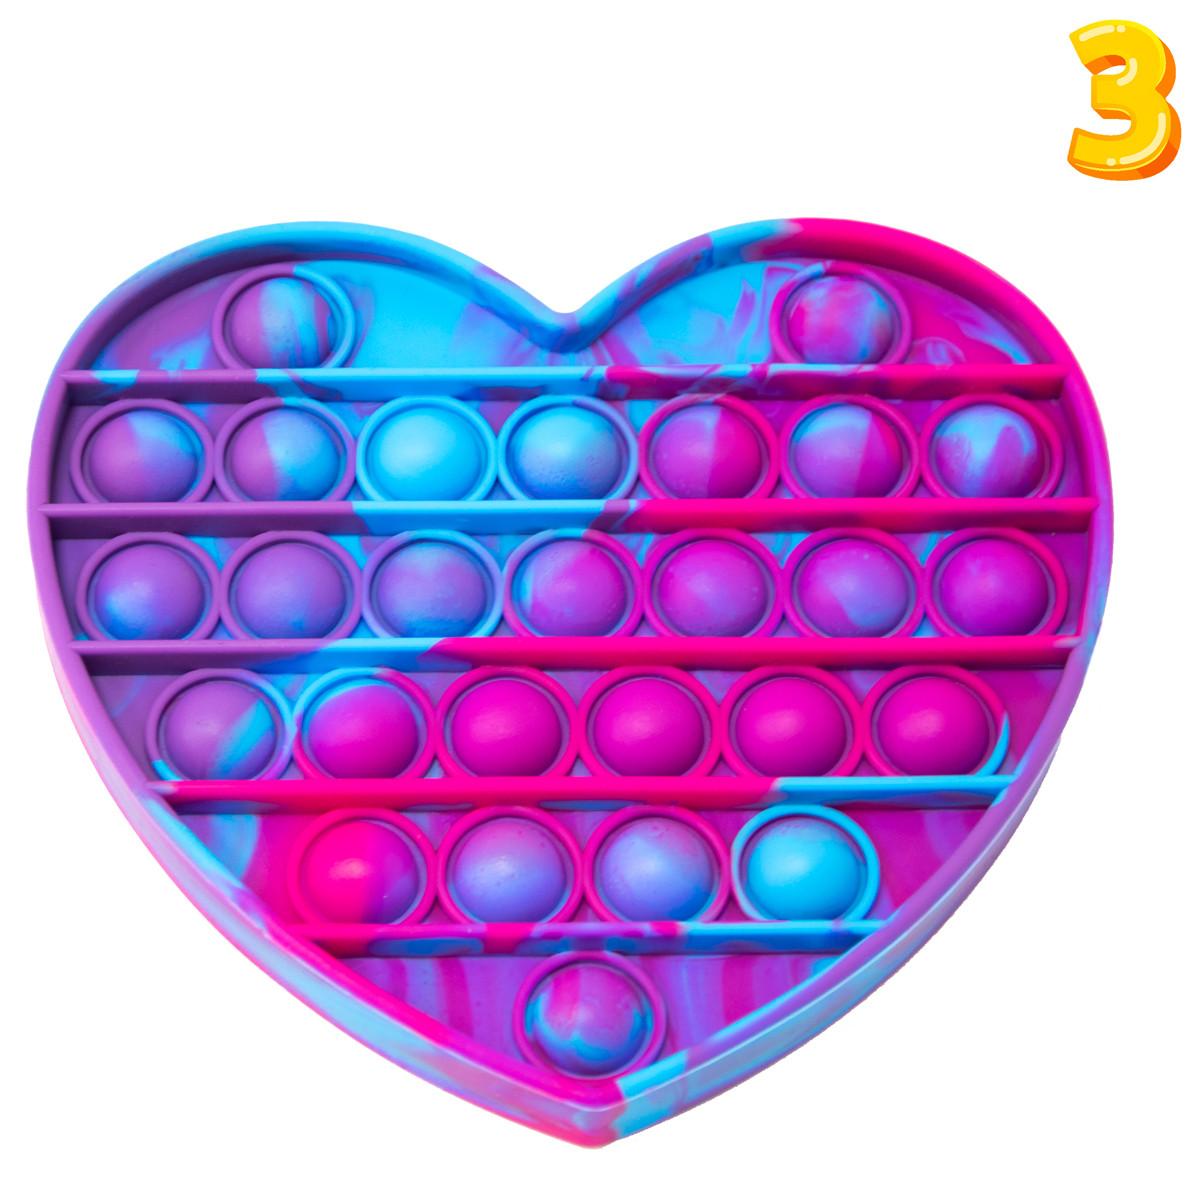 Антистресс пупырка Pop it - Фиолетовое большое 14,5х14 см сердце с разводами №3   игрушка для рук Поа ит (ST)